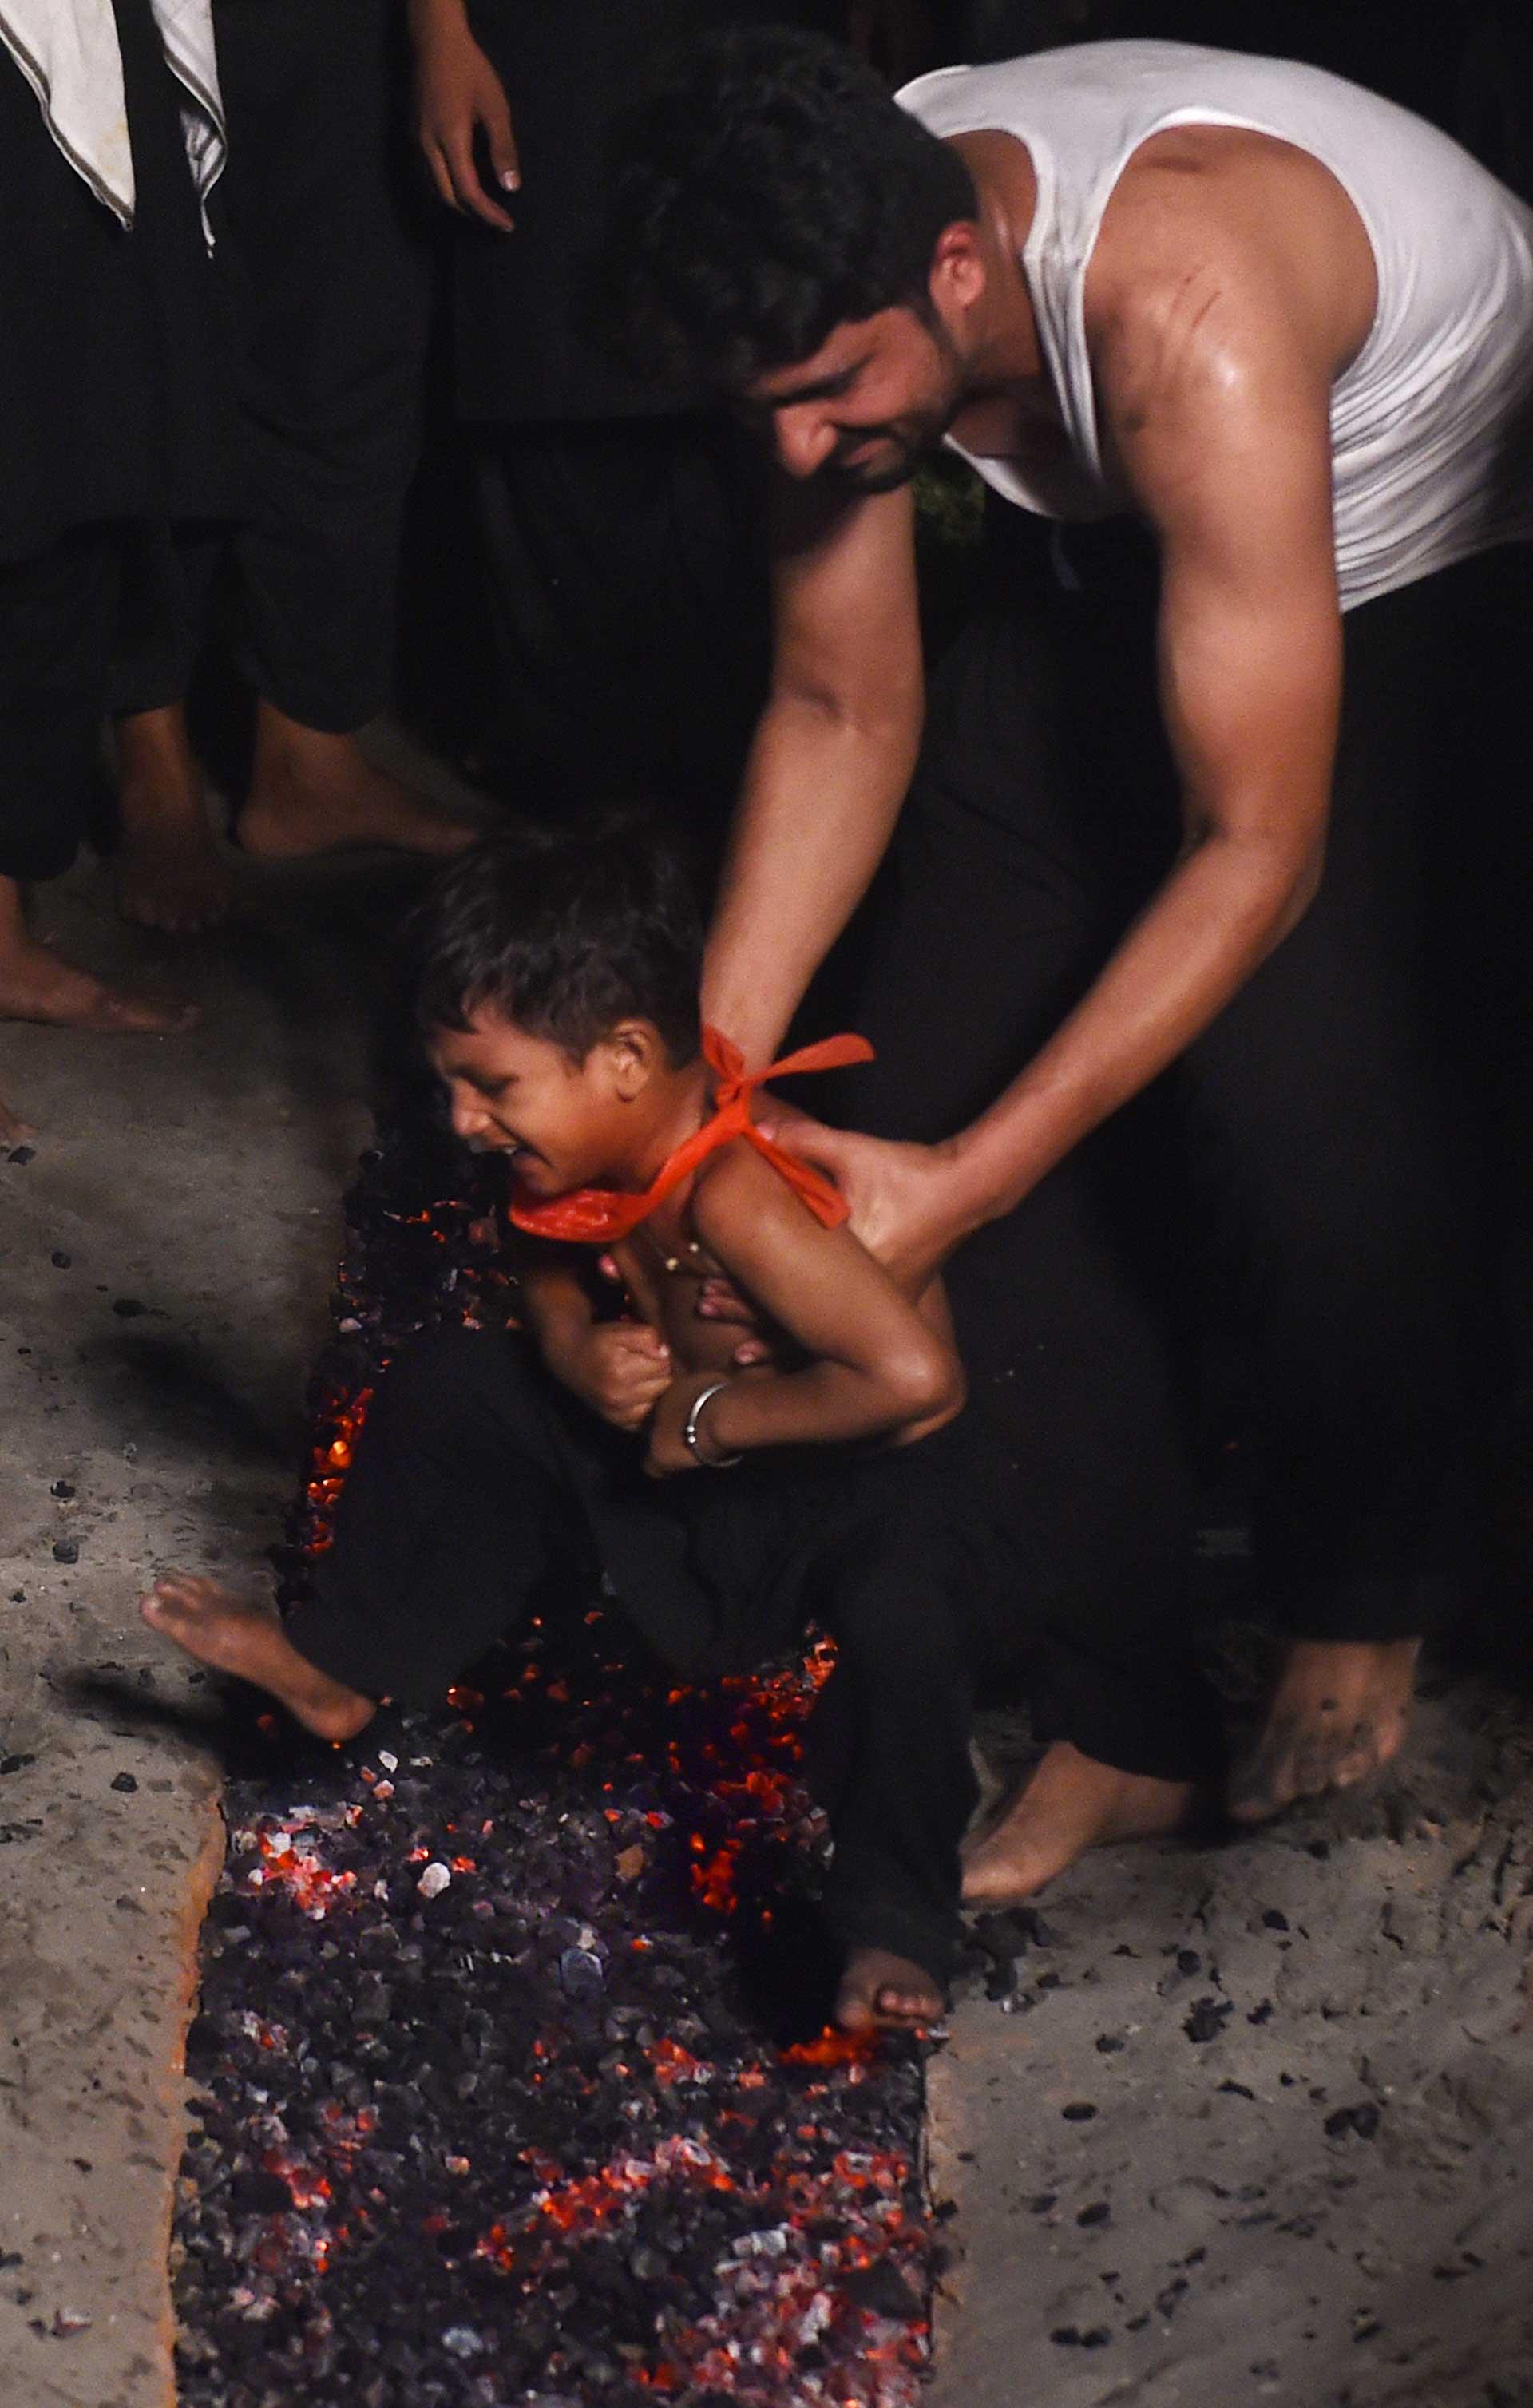 Pese al sufrimiento que refleja su rostro, el niño es obligado a caminar sobre las brasas (AFP)